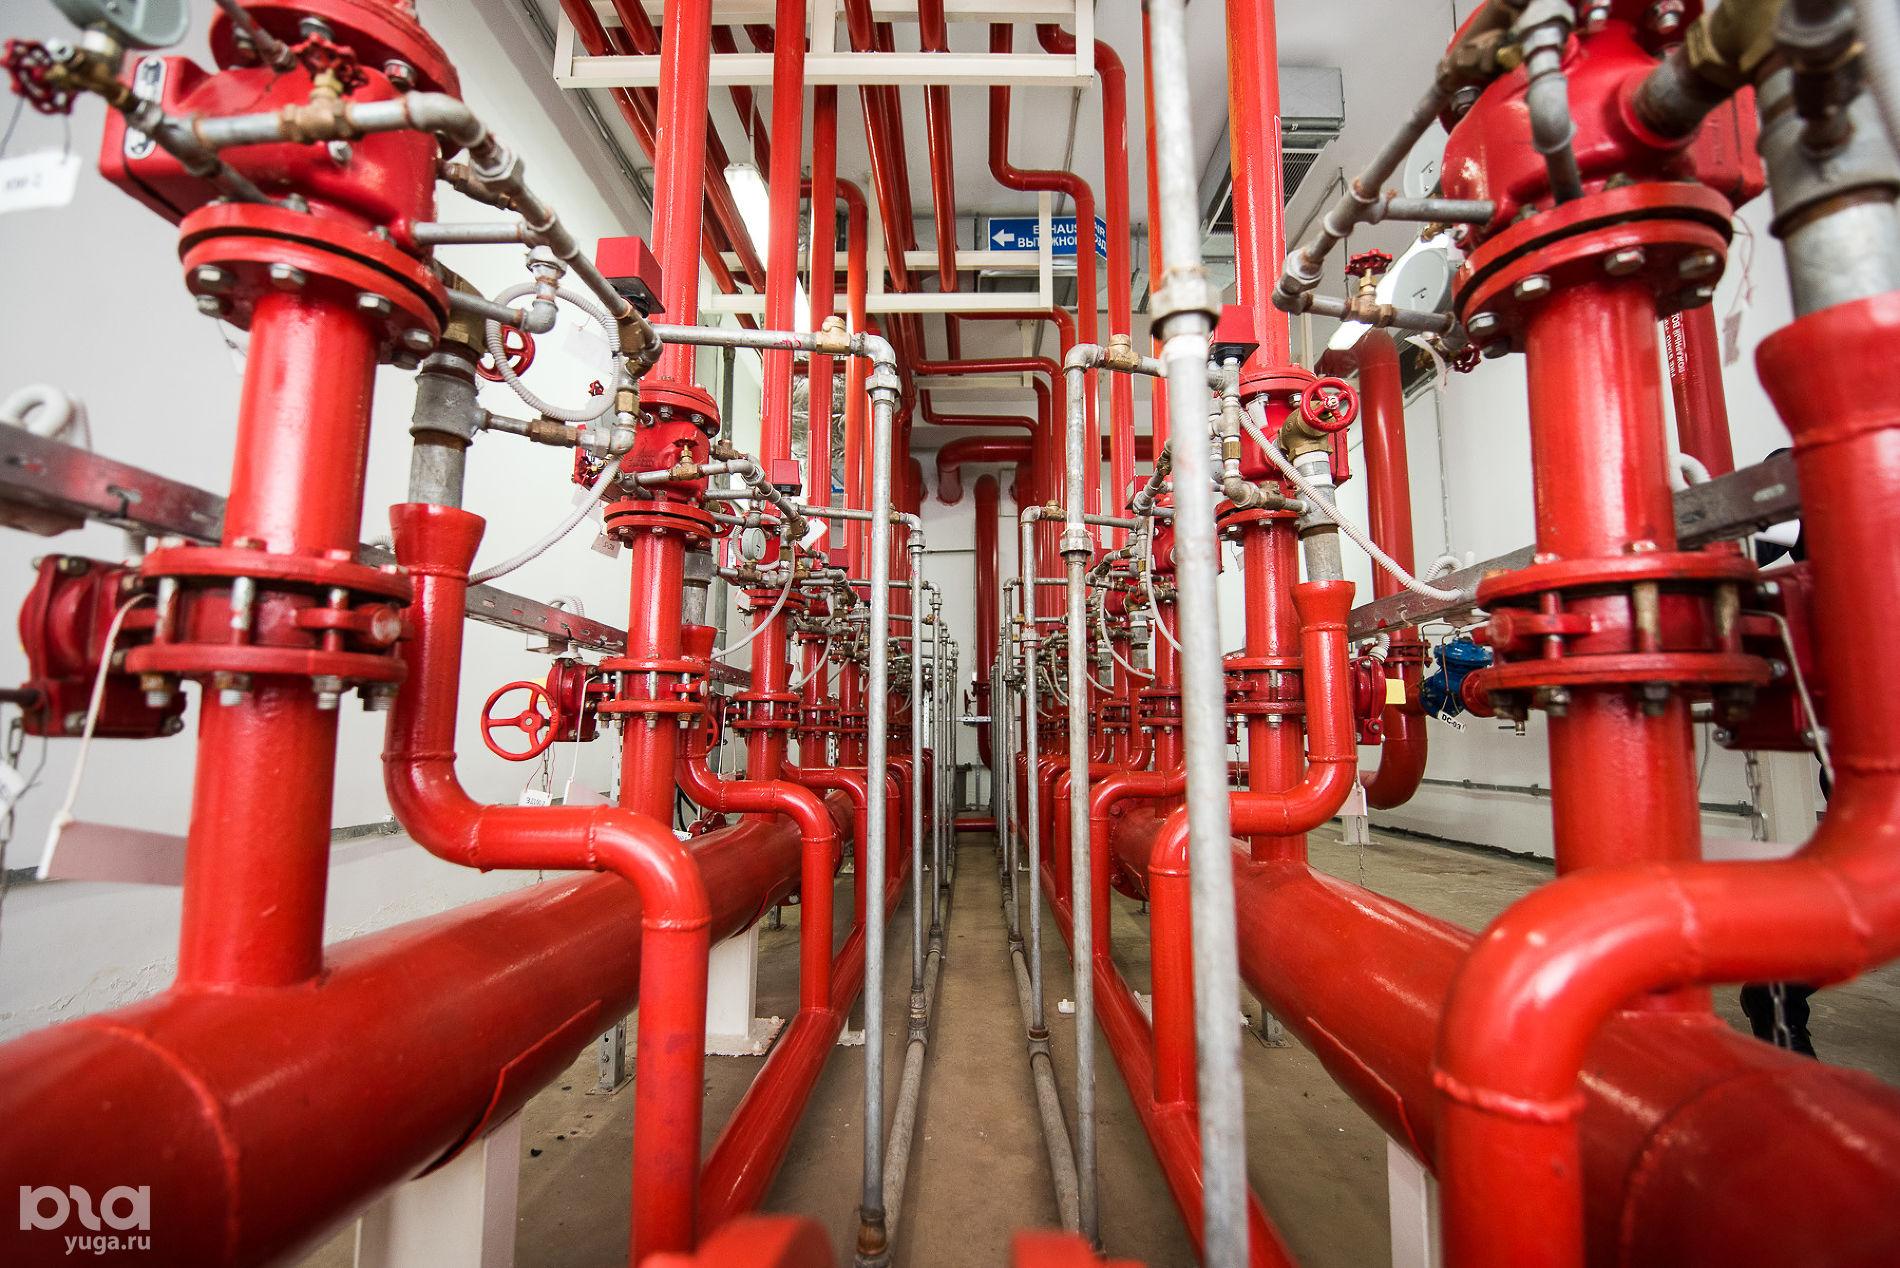 Технический этаж OZ МОЛЛ ©Фото Елены Синеок, Юга.ру